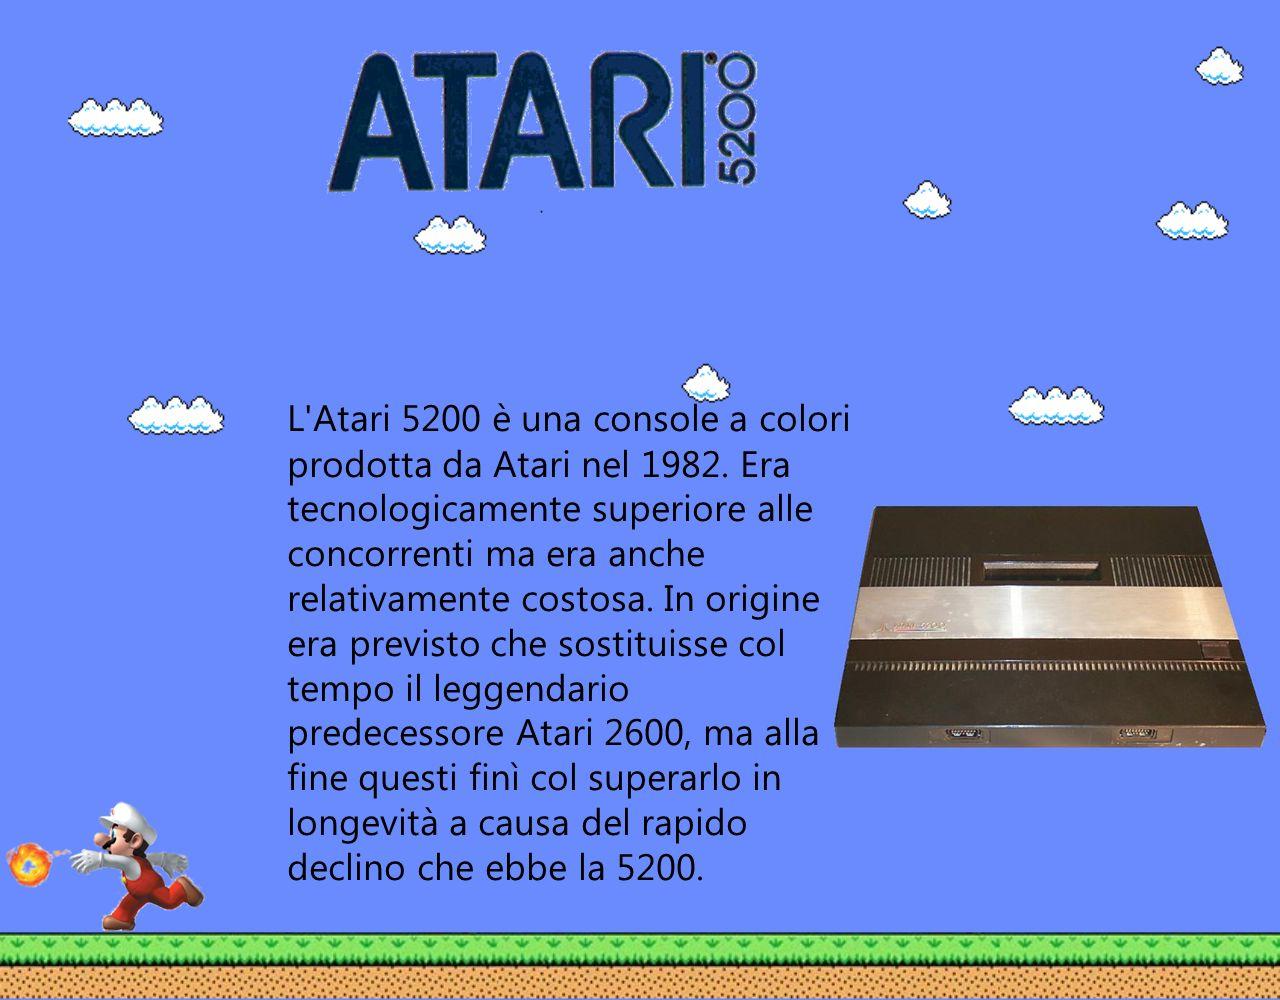 L'Atari 5200 è una console a colori prodotta da Atari nel 1982. Era tecnologicamente superiore alle concorrenti ma era anche relativamente costosa. In